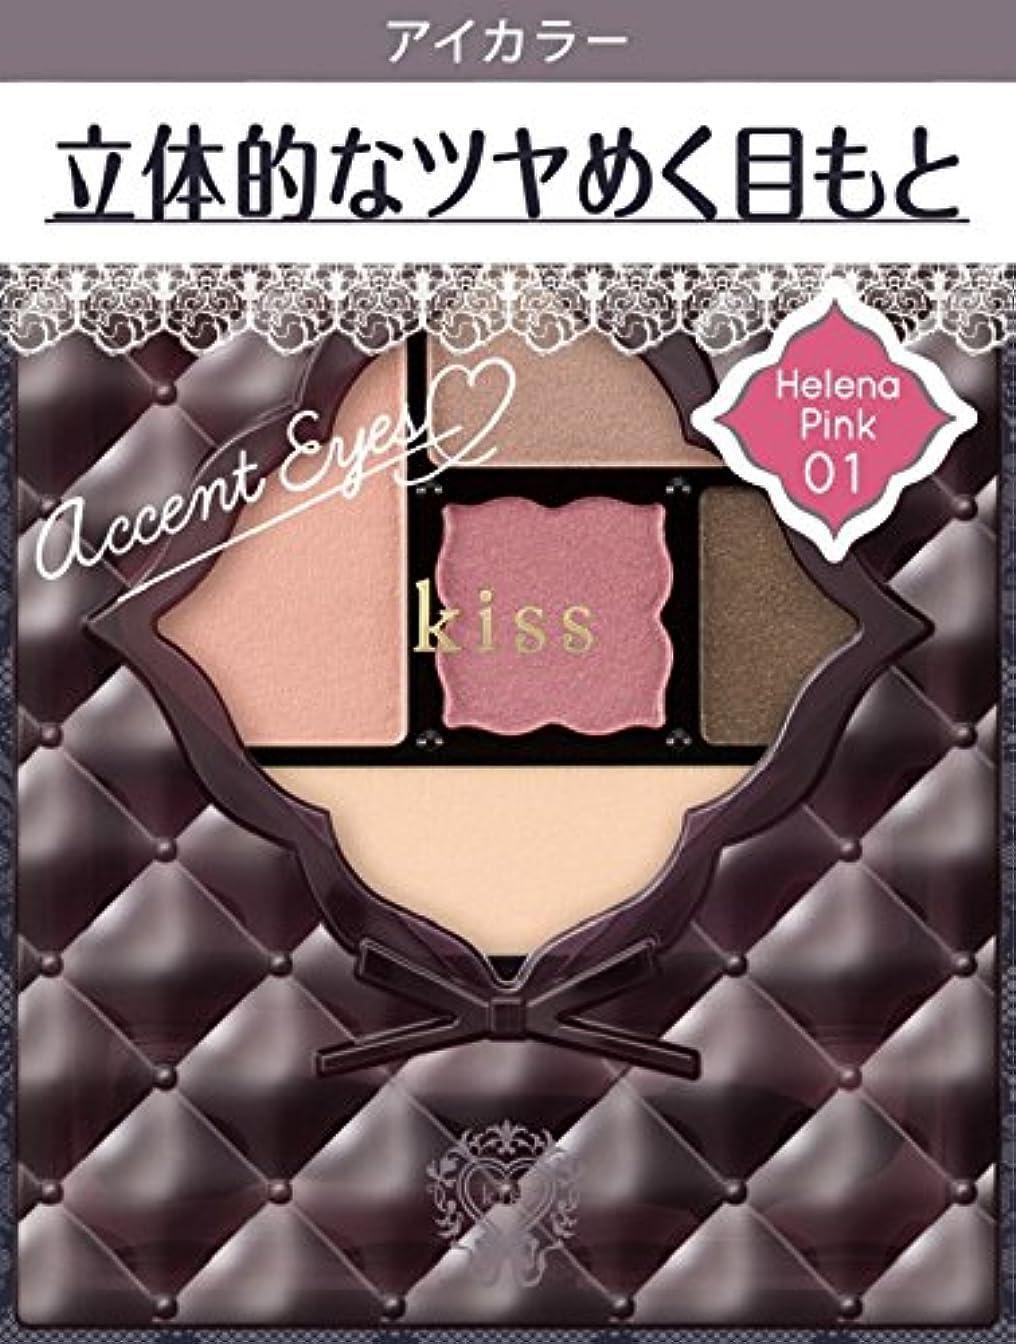 匿名トレード手伝うキス アクセントアイズ01 ヘレネーピンク 3.5g